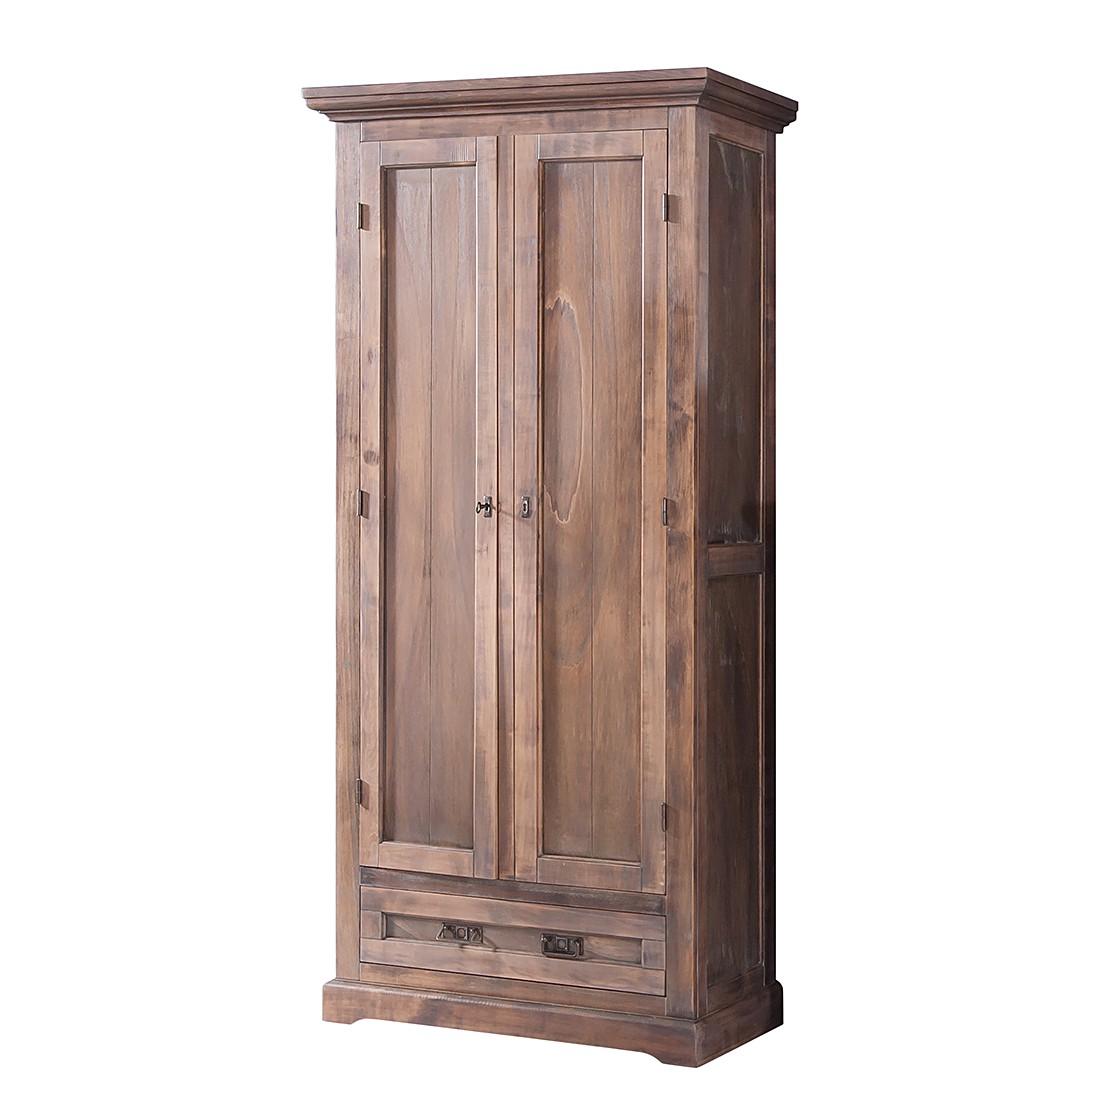 Armadio da ingresso Kennet I - Parzialmente in legno massello di tiglio spazzolato/trattato con calce, Ridgevalley